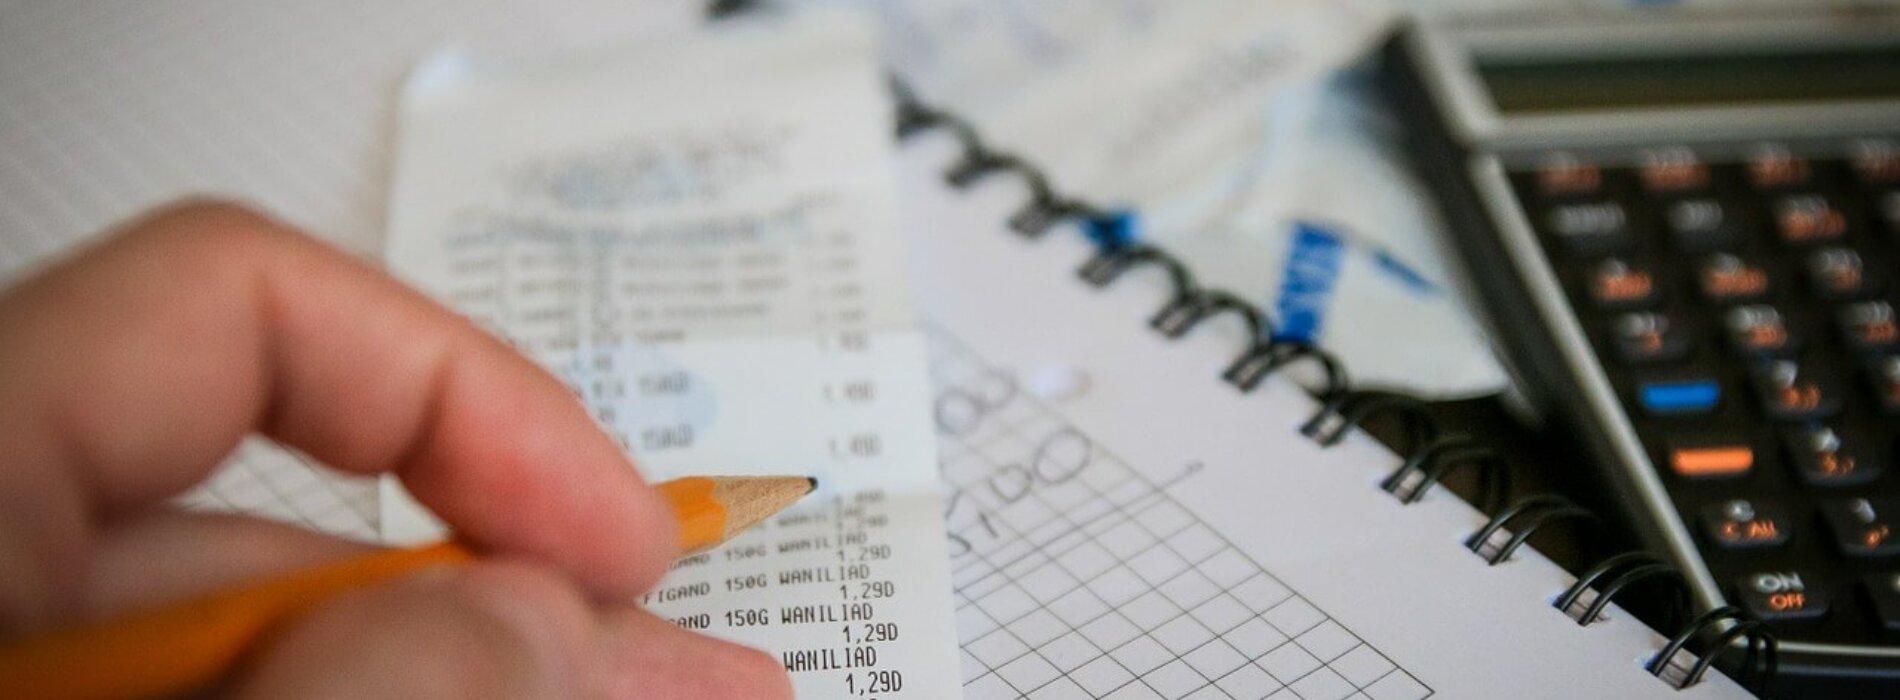 Ekonomiści apelują o uproszczenie systemu podatkowego. Mogłoby to pobudzić rynek pracy i inwestycje firm